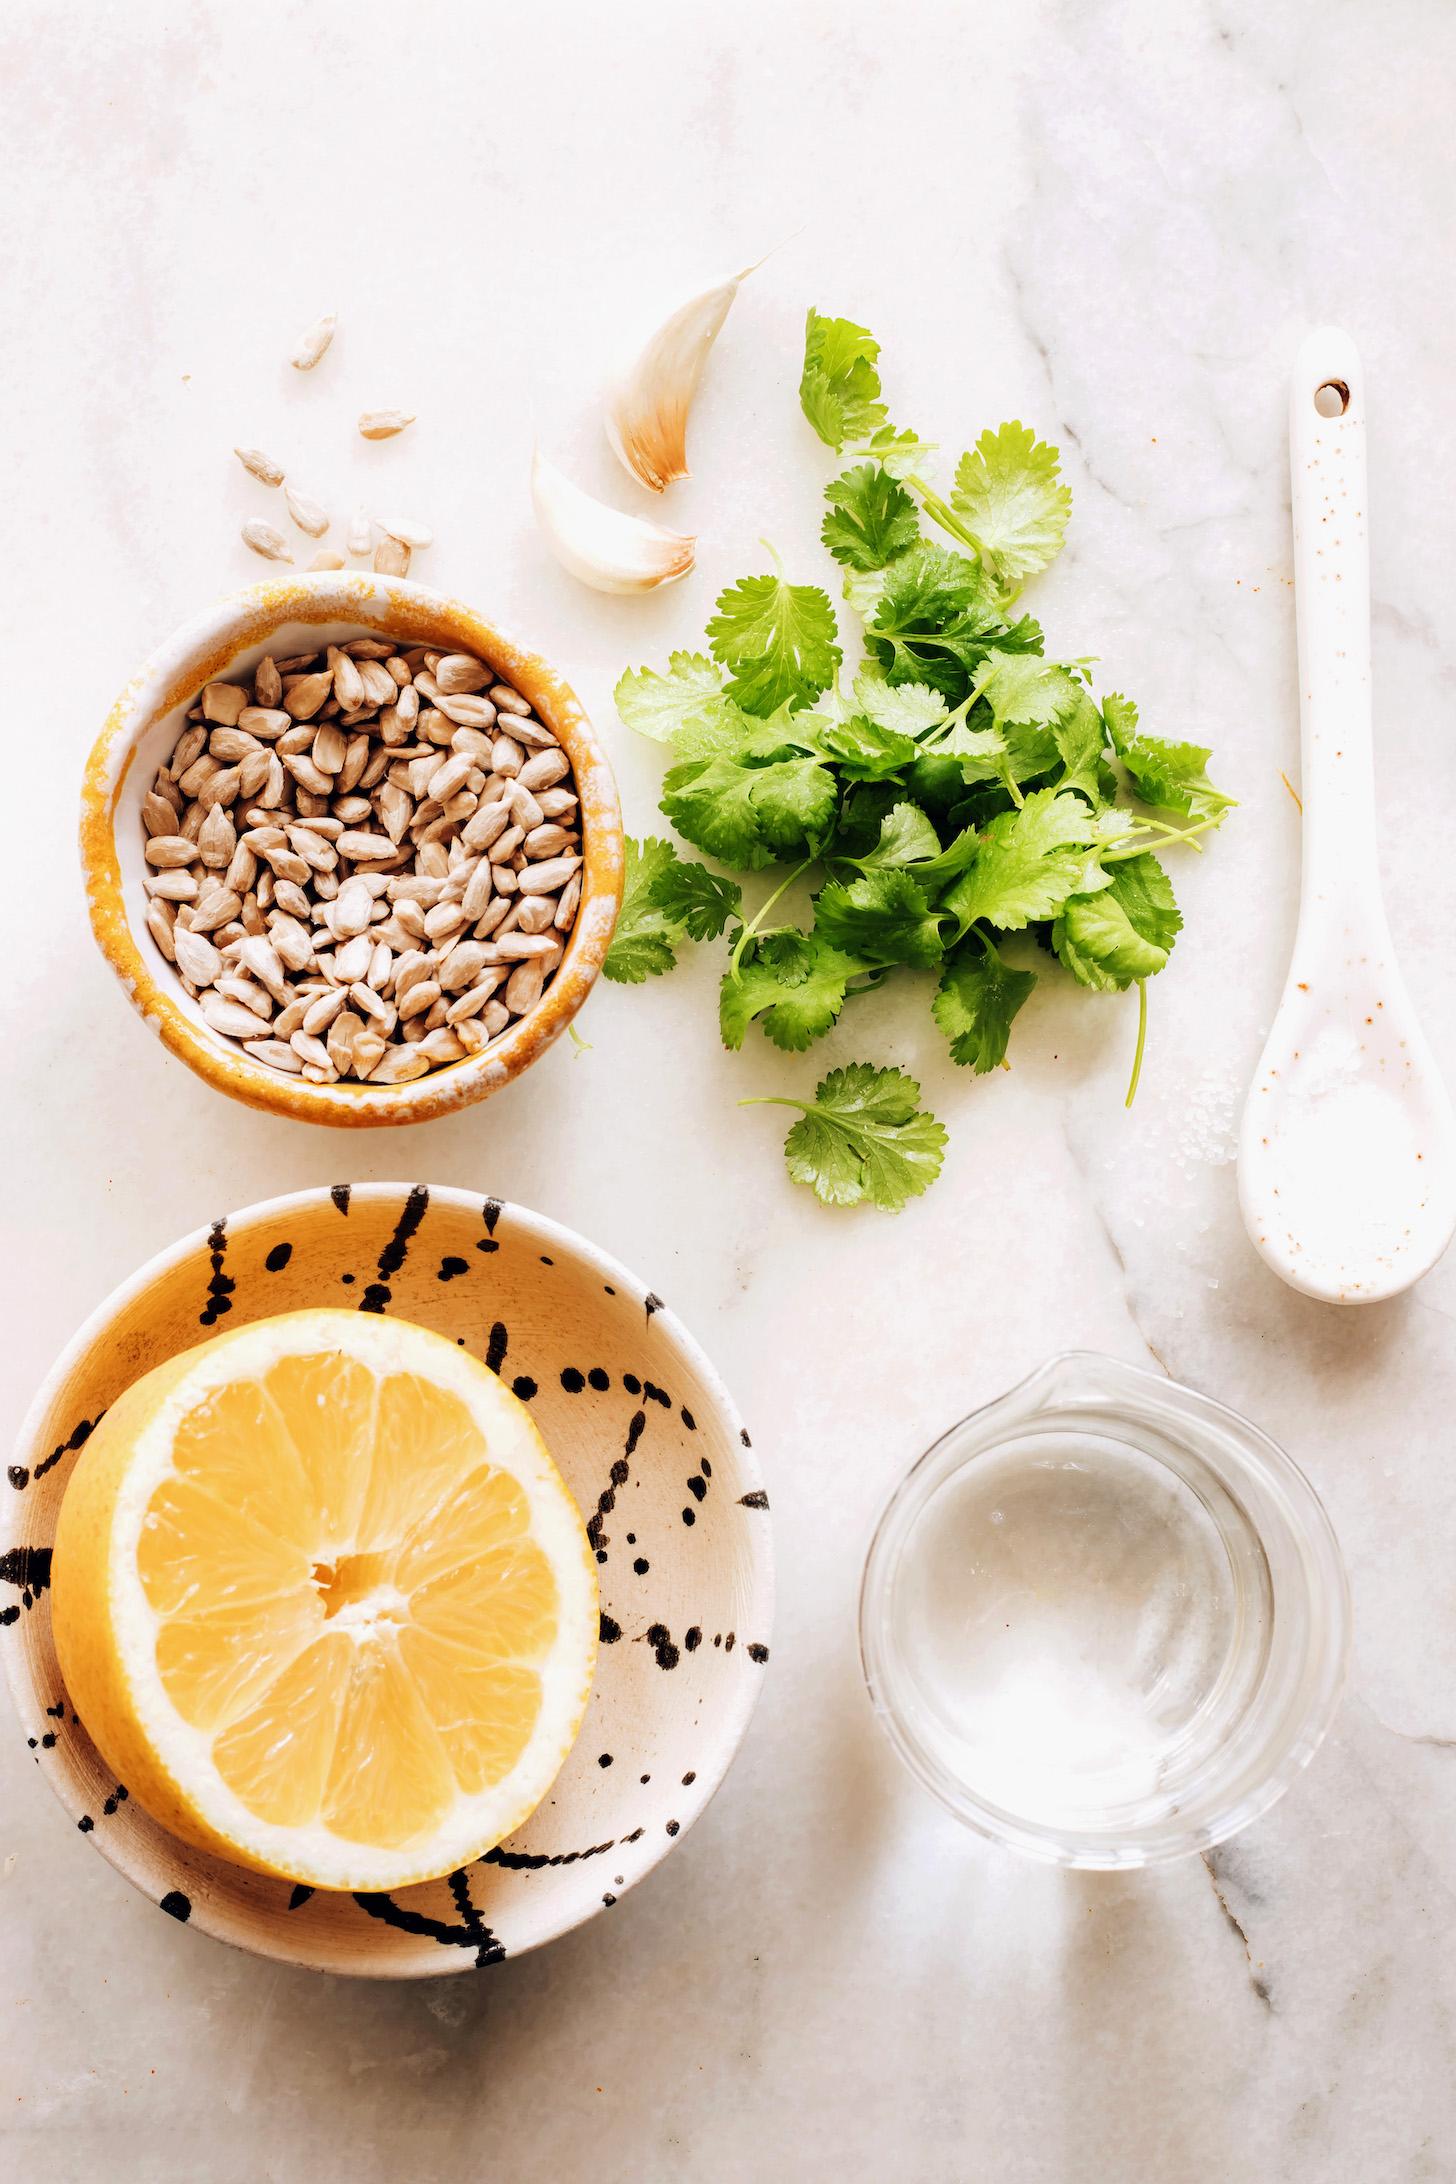 Napraforgómag, fokhagyma, koriander, só, víz és citrom